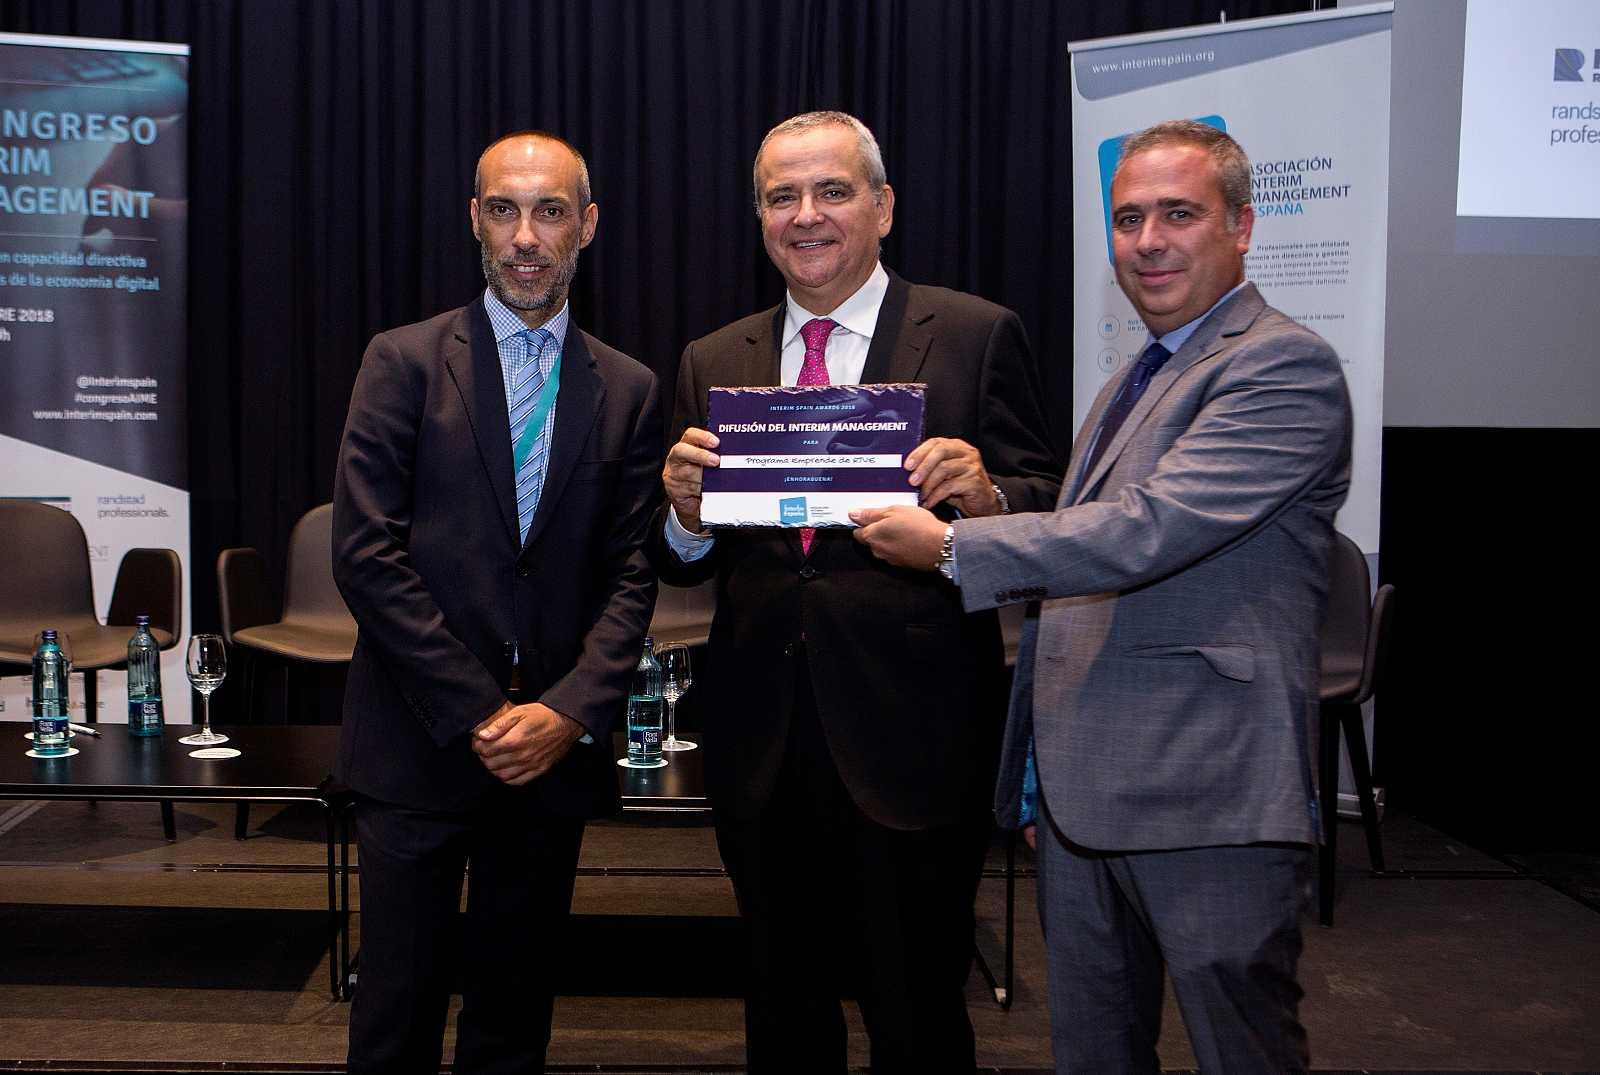 Premio al fomento del Interim Management